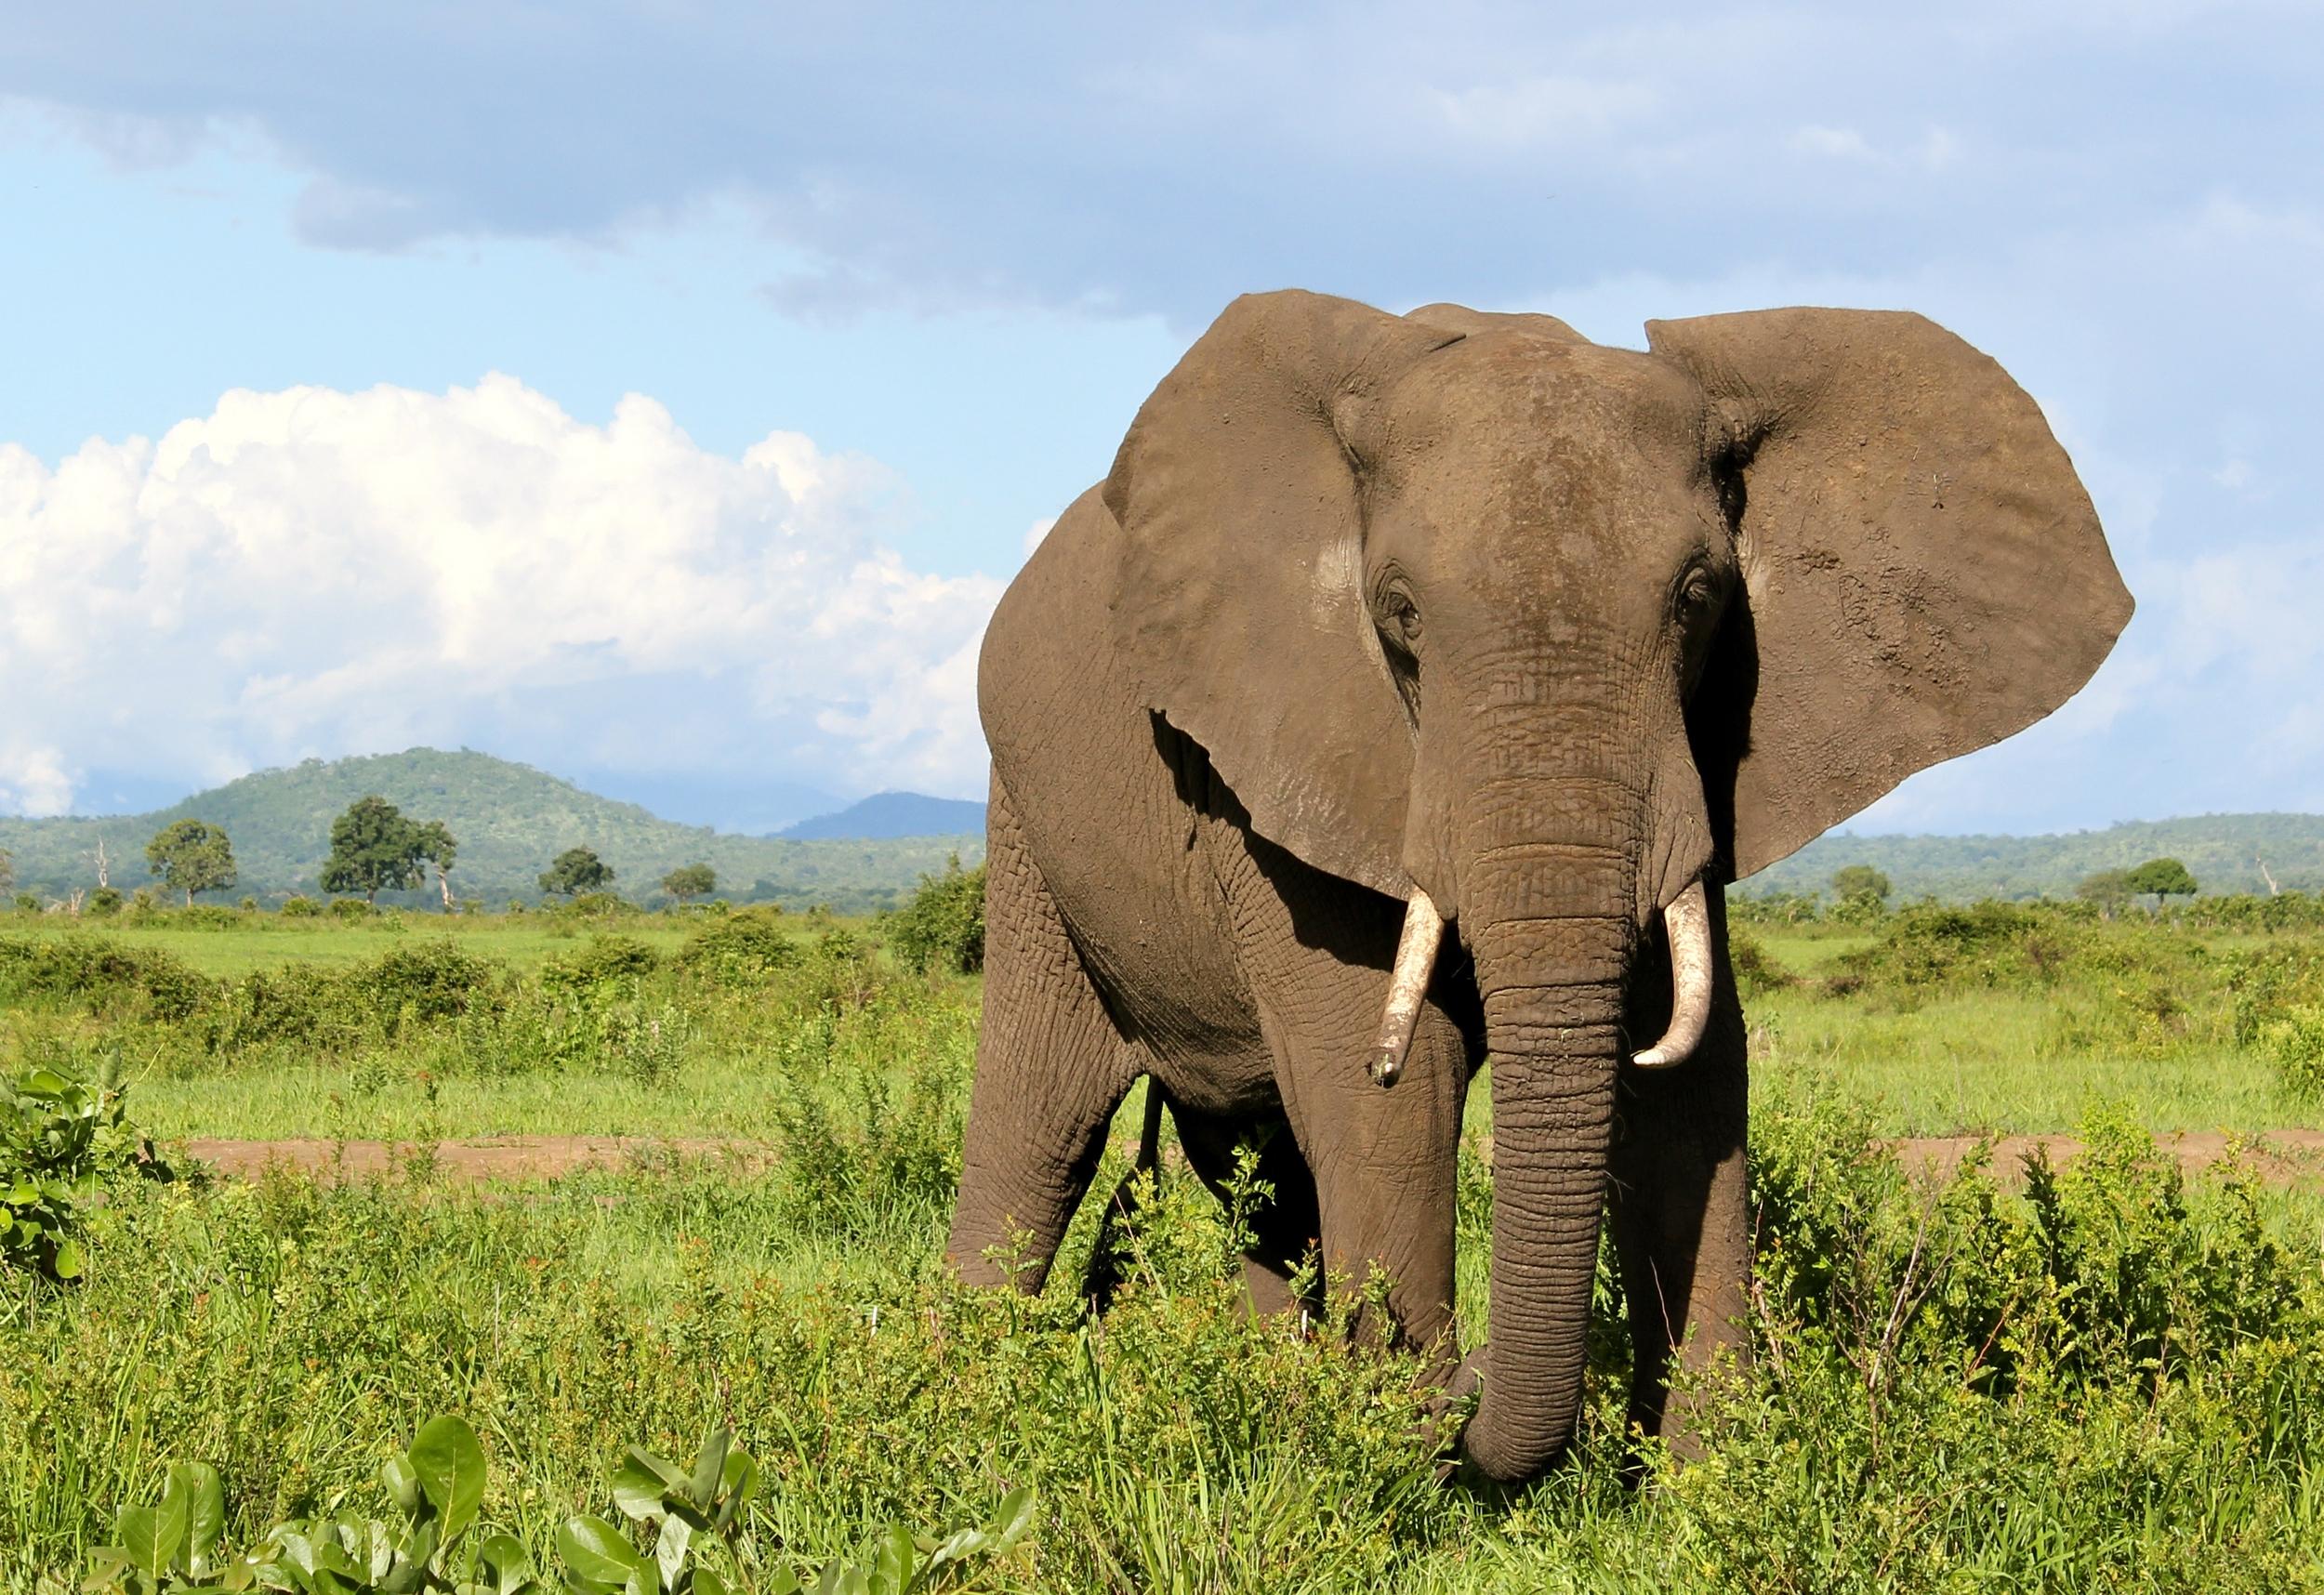 Wild elephants photo